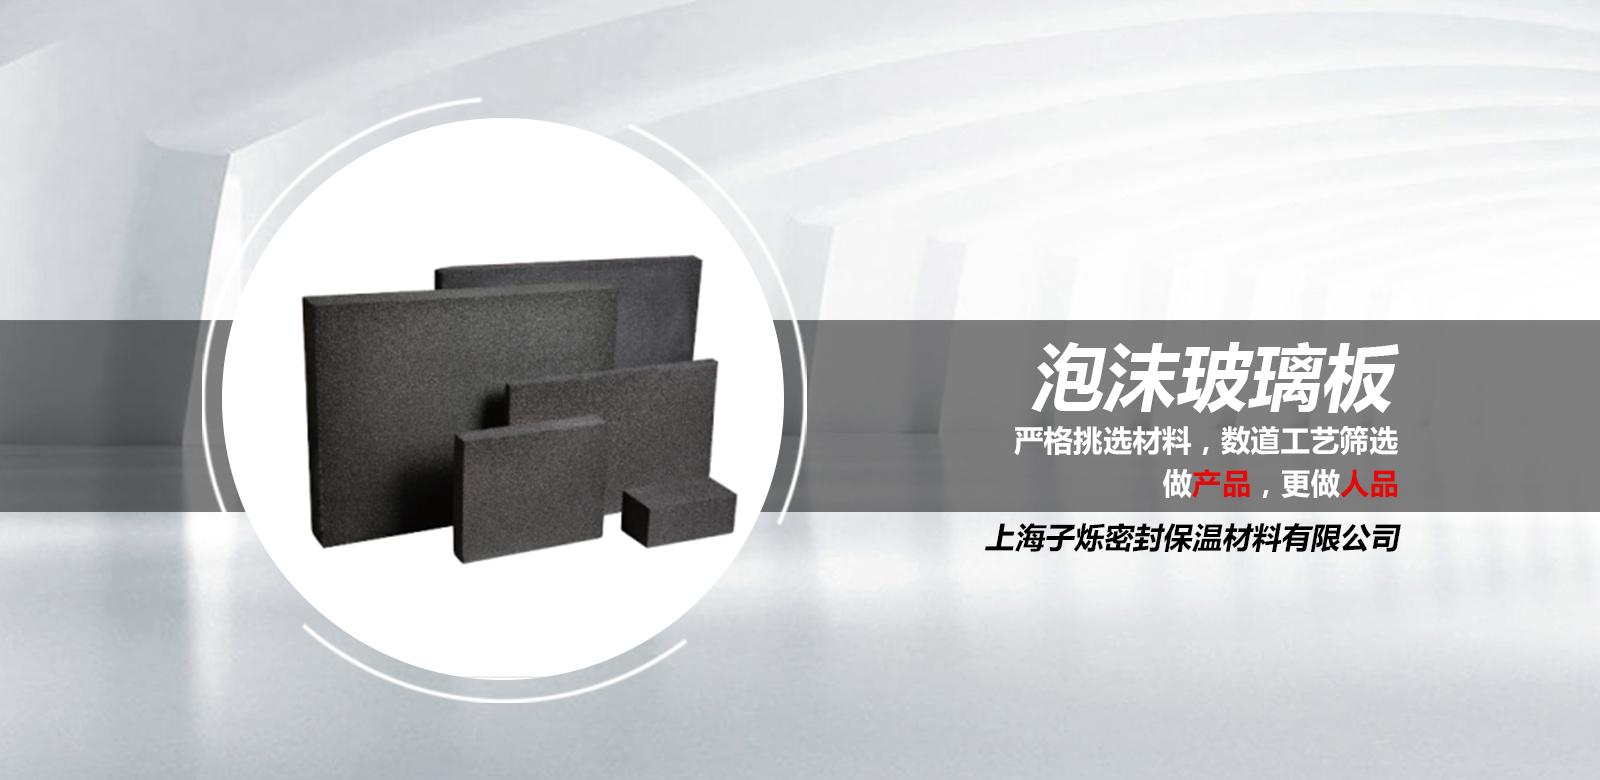 上海子烁密封保温材料有限公司